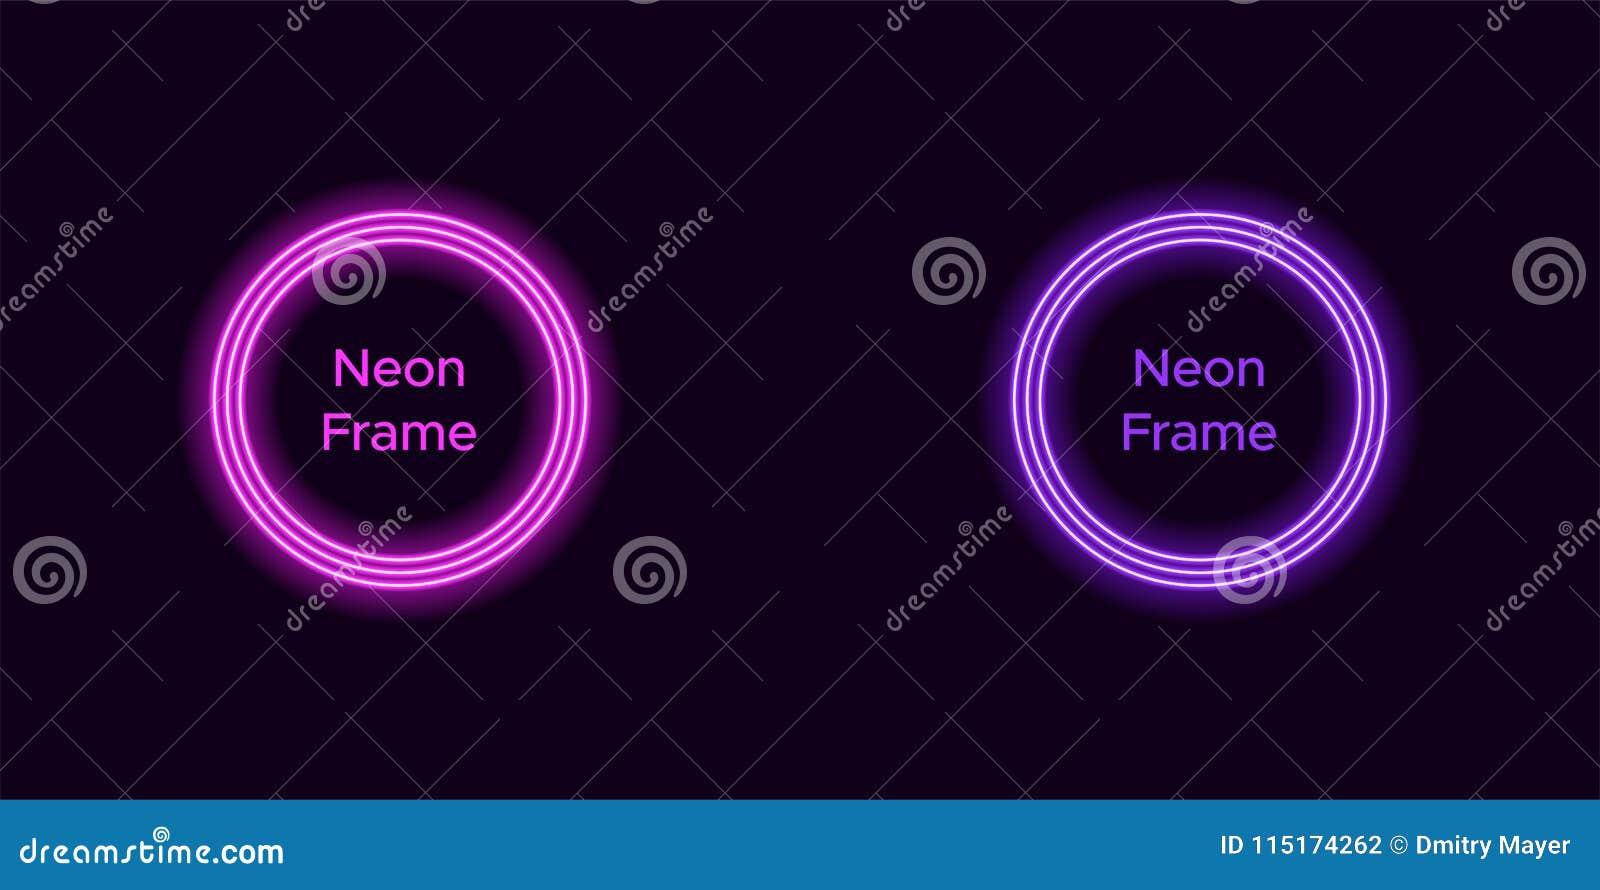 Marco De Neón Del Círculo En Color Púrpura Y Violeta Ilustración del ...